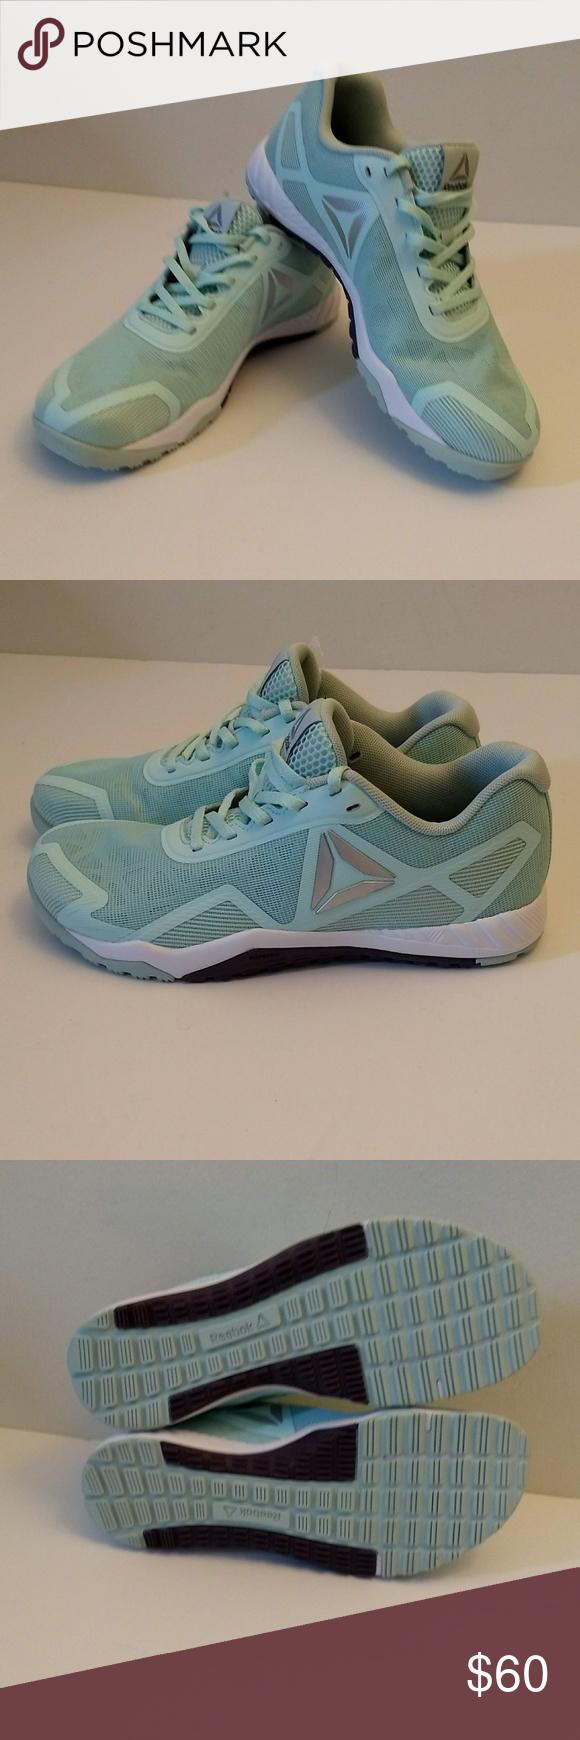 reebok shoes 1y3501